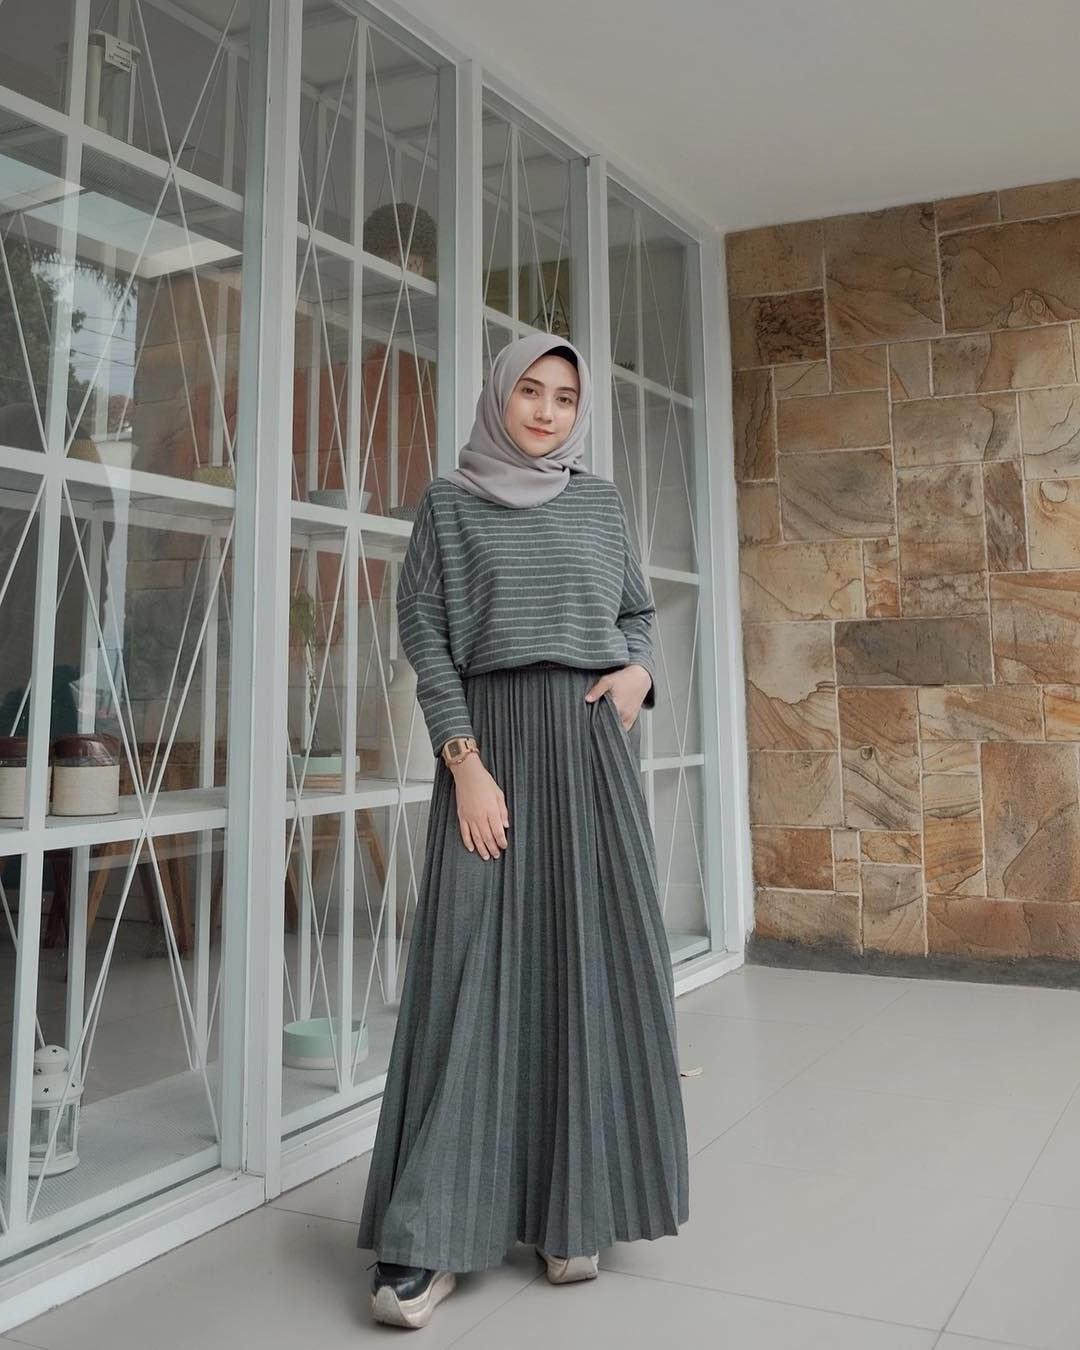 Inspirasi Baju Lebaran Syahrini 2019 Dwdk Baju Muslim Lebaran Terbaru 2019